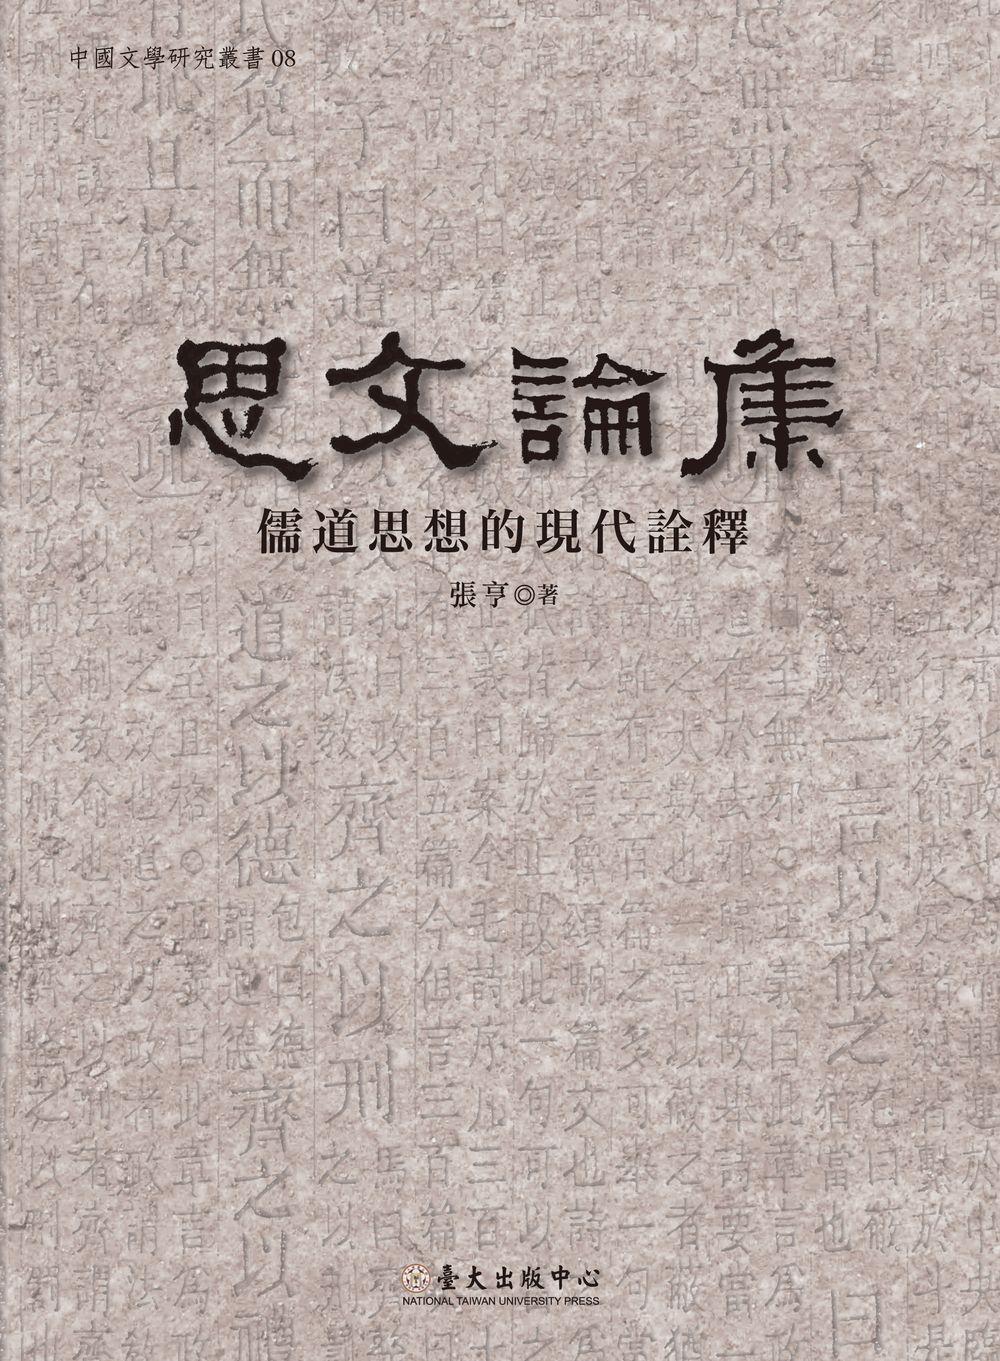 思文論集──儒道思想的現代詮釋(POD版)